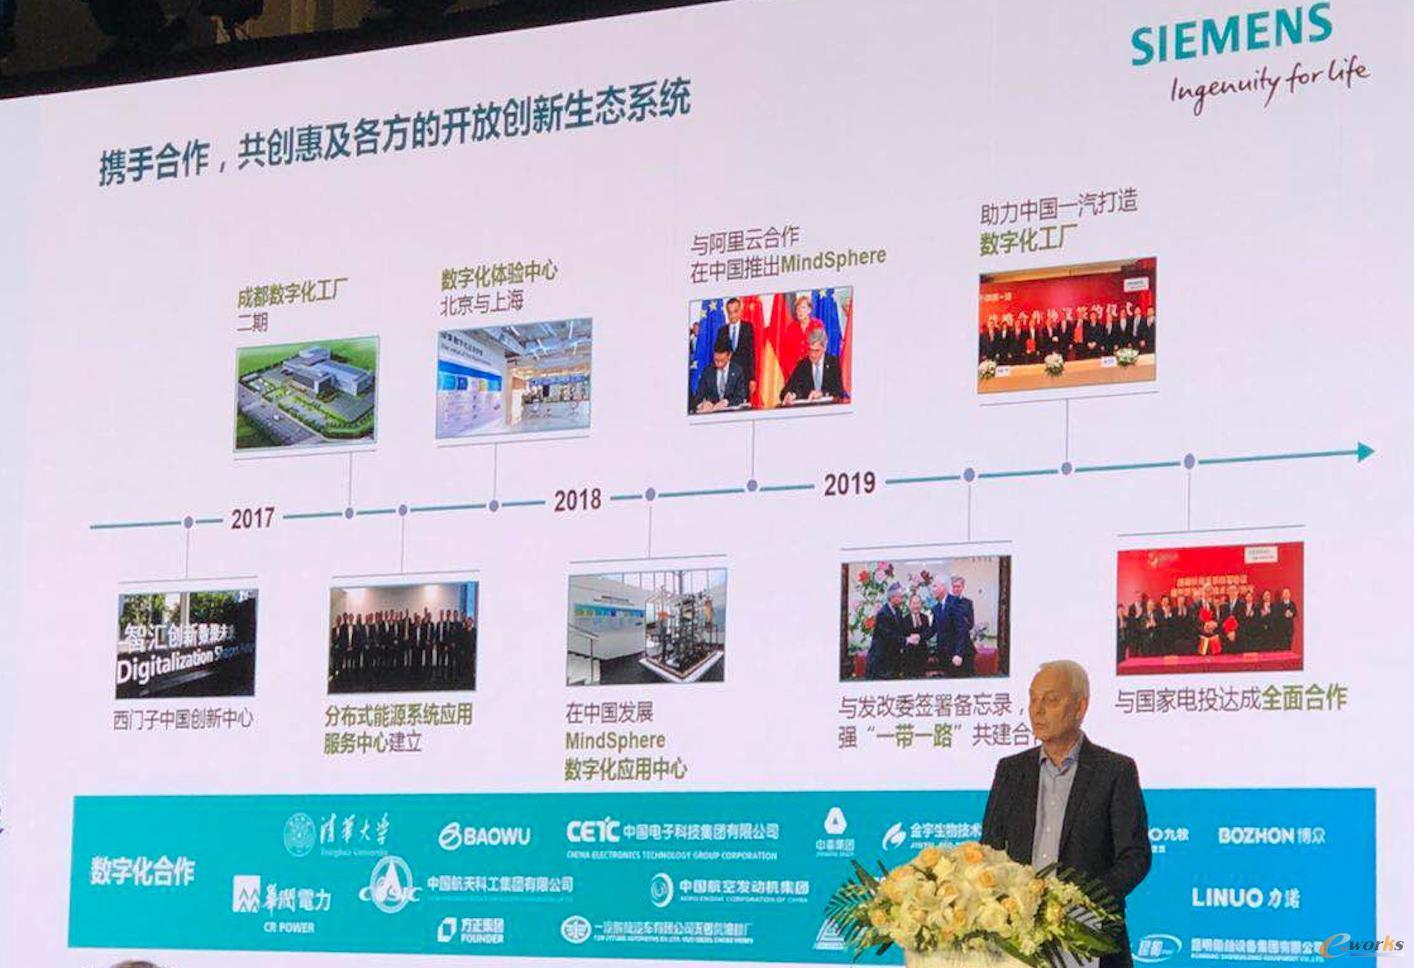 西门子在中国加速拓展创新生态体系